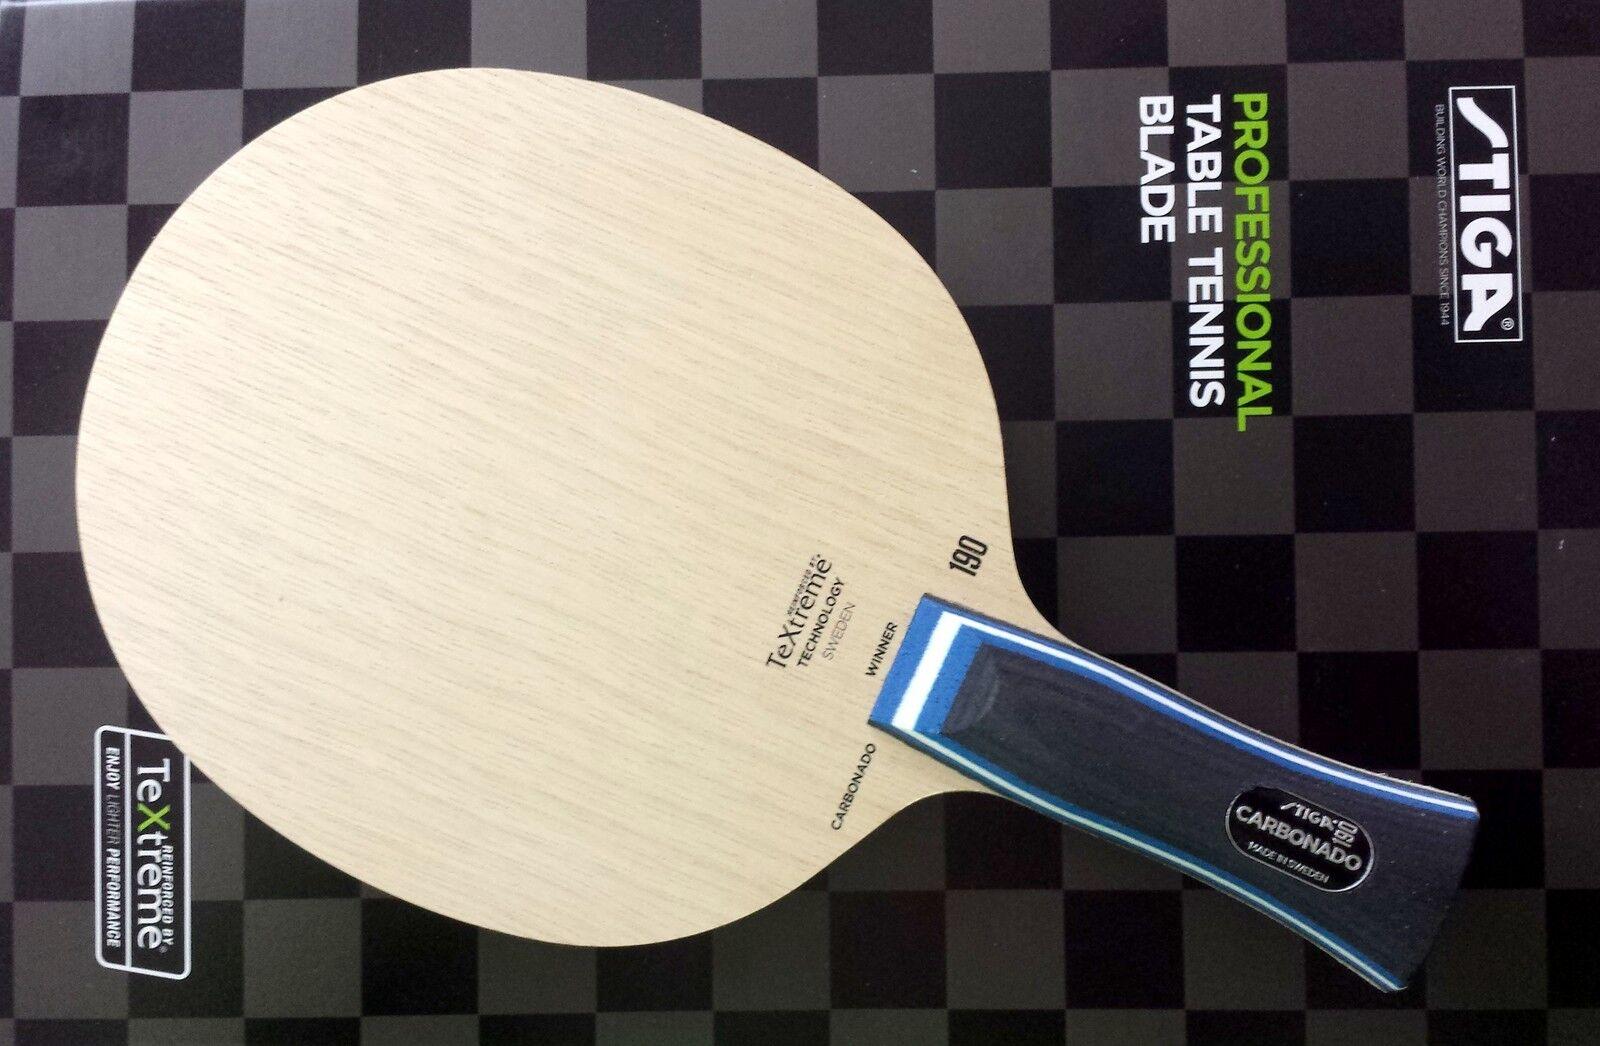 STIGA TT-Holz Carbonado 190, Off++ Holz mit mit mit neuer TeXtreme®-Technology - neu+ovp 9d1f9a